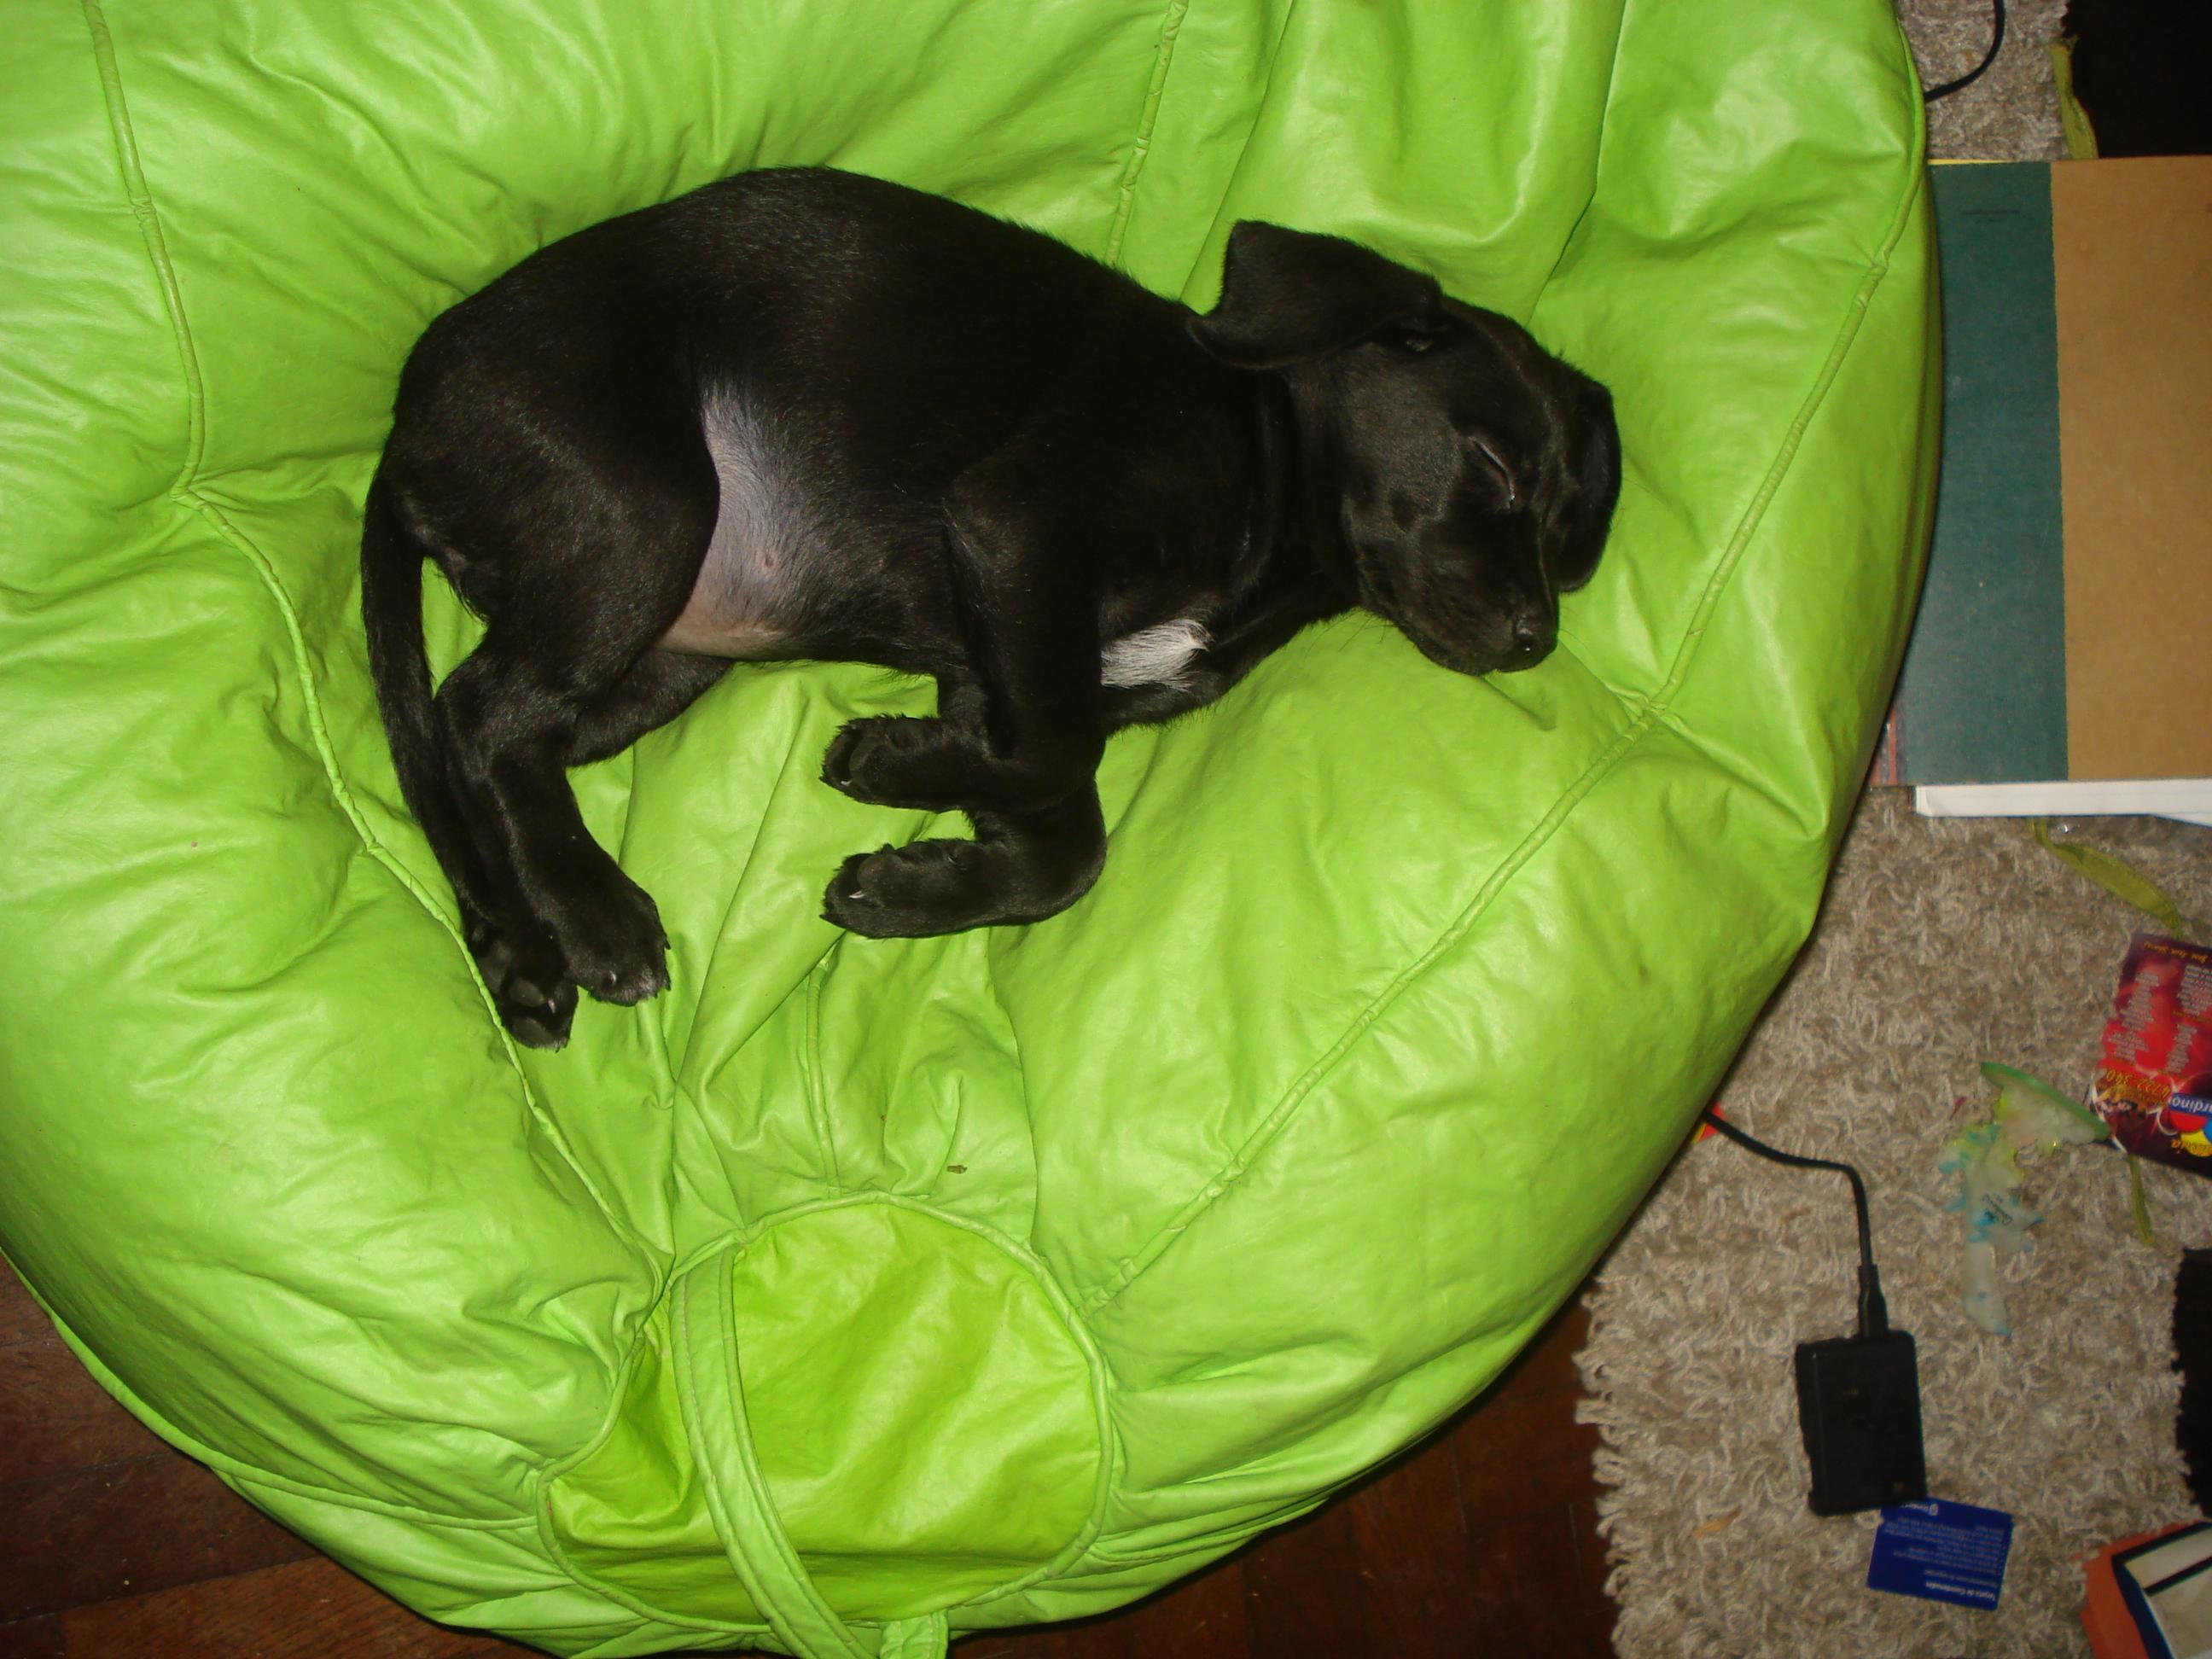 Black dog lying on back - photo#34